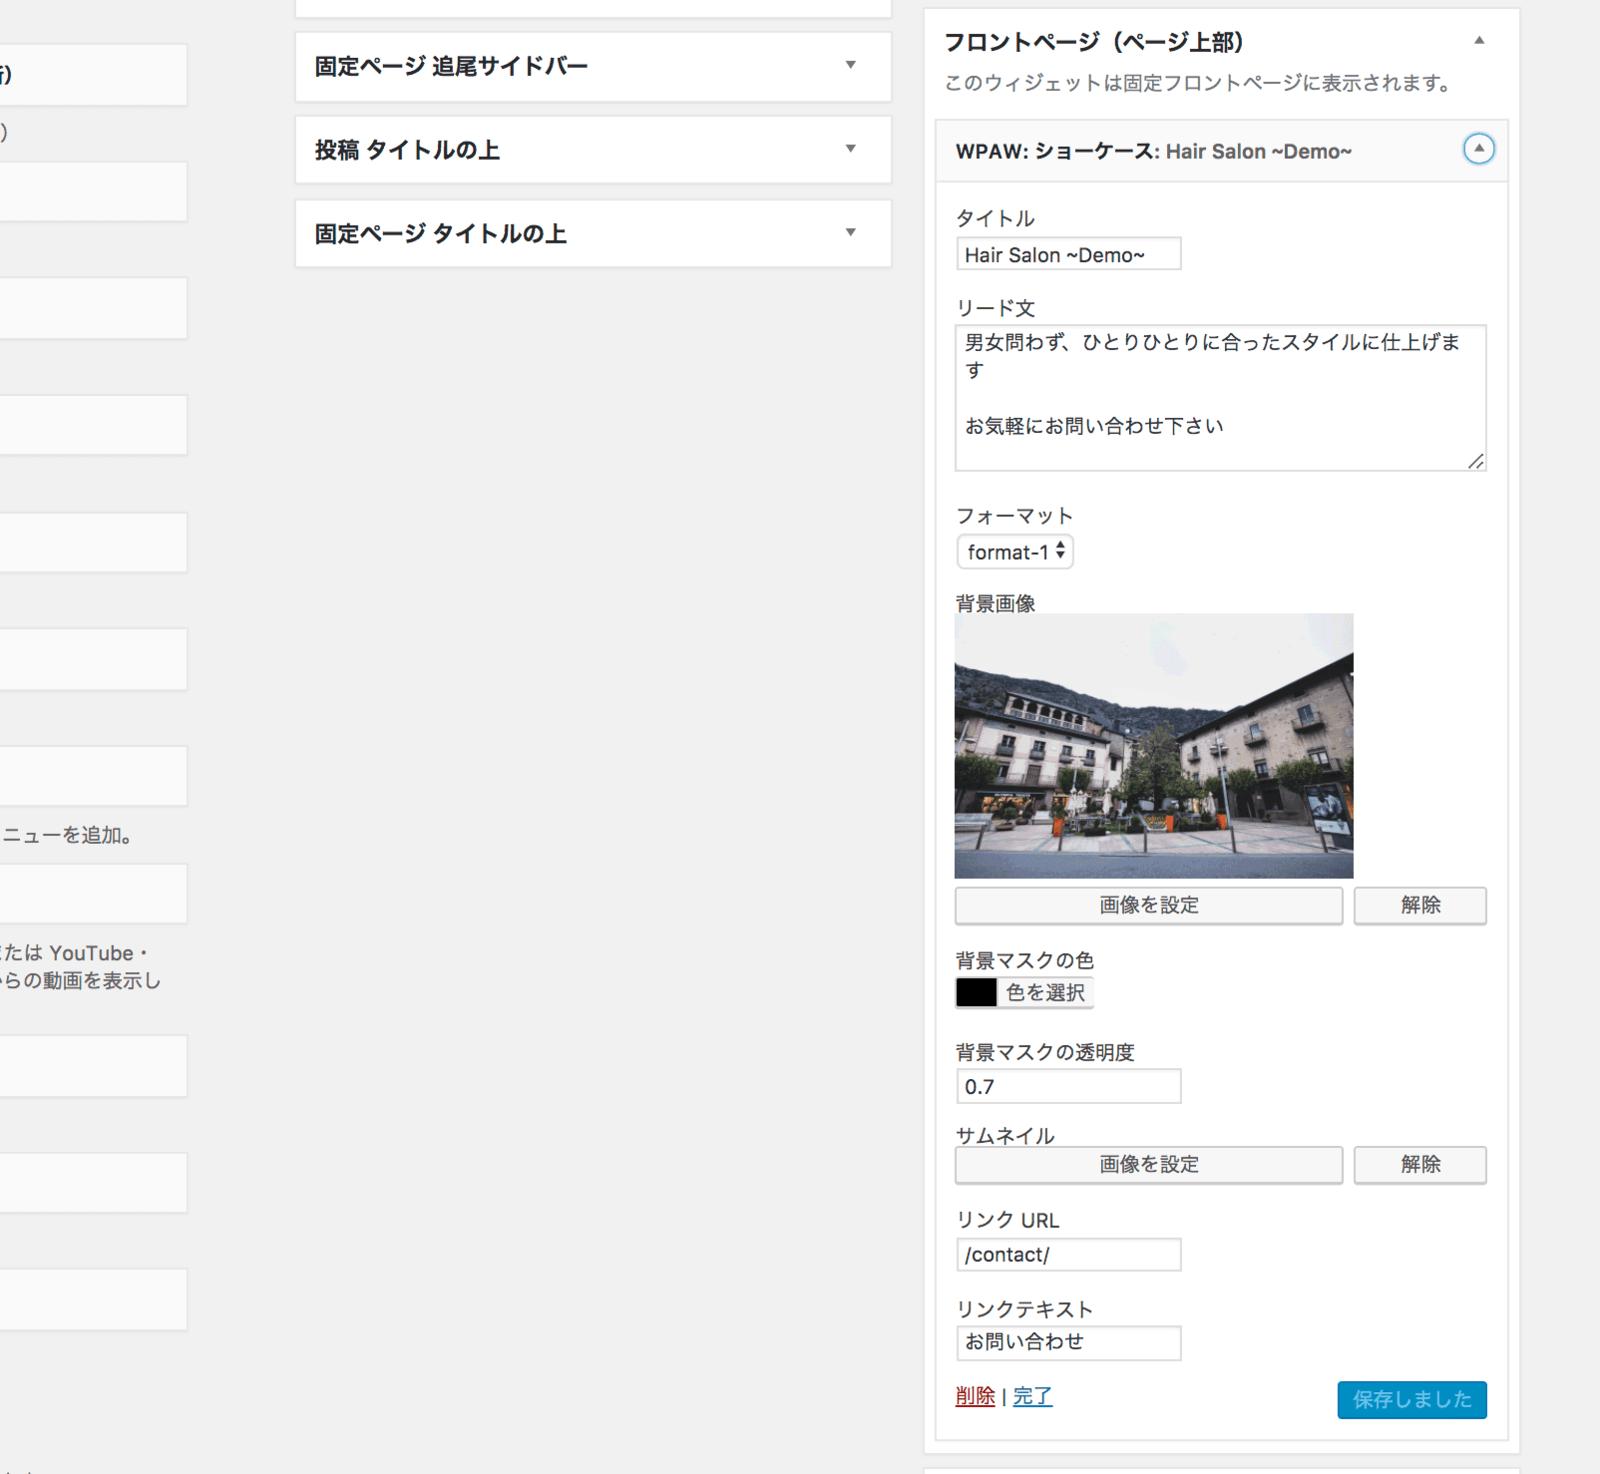 WPAMショーケースをウィジェットに追加する